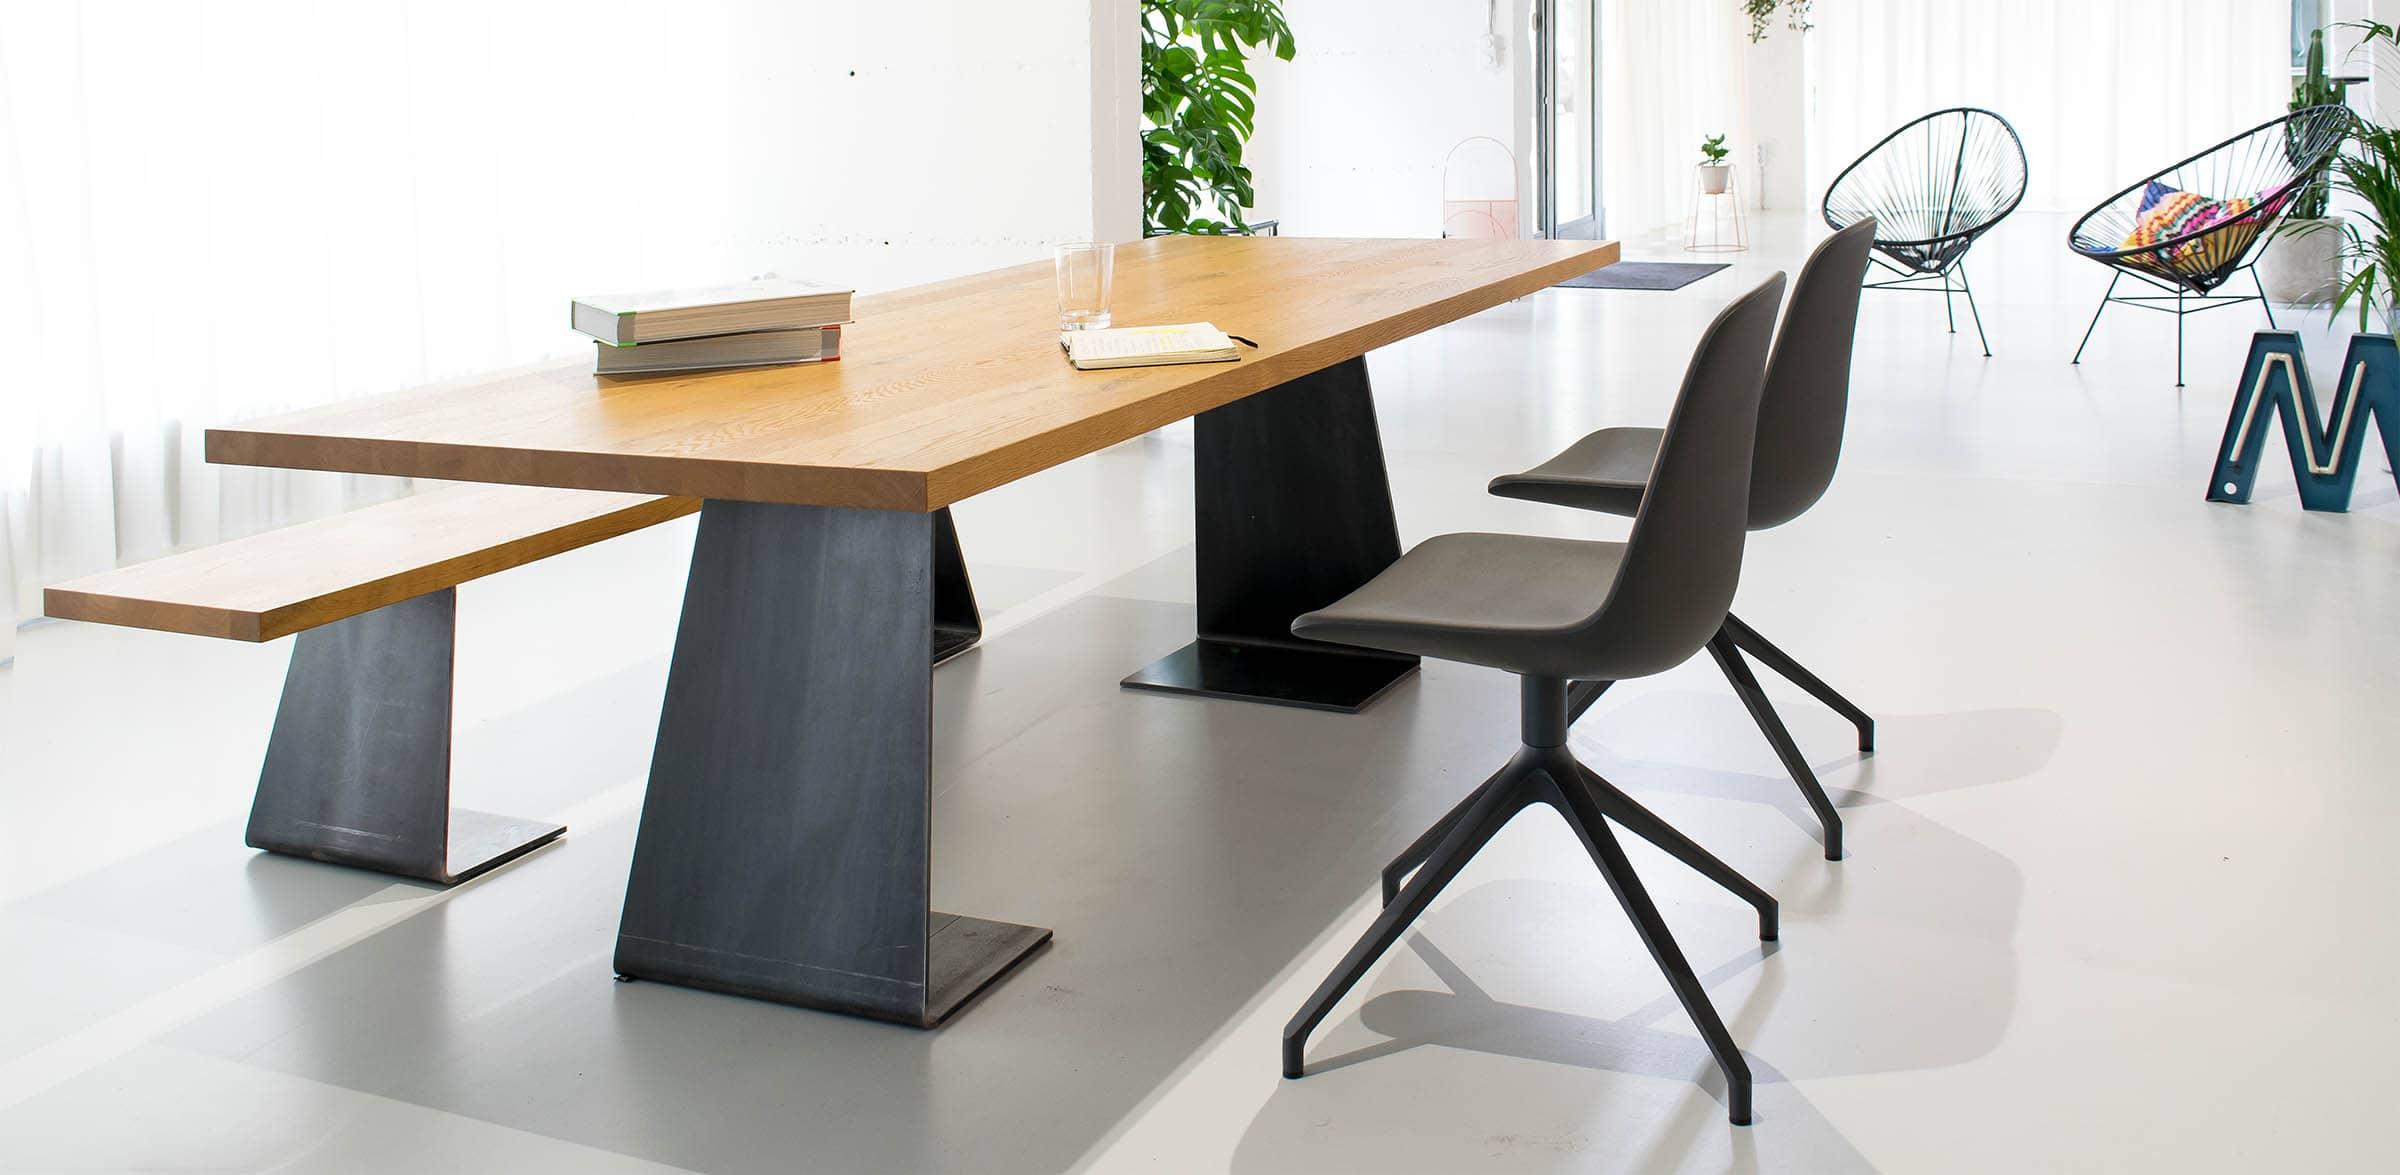 Eiche Esstisch mit Stahlfüßen und schönen Stühlen